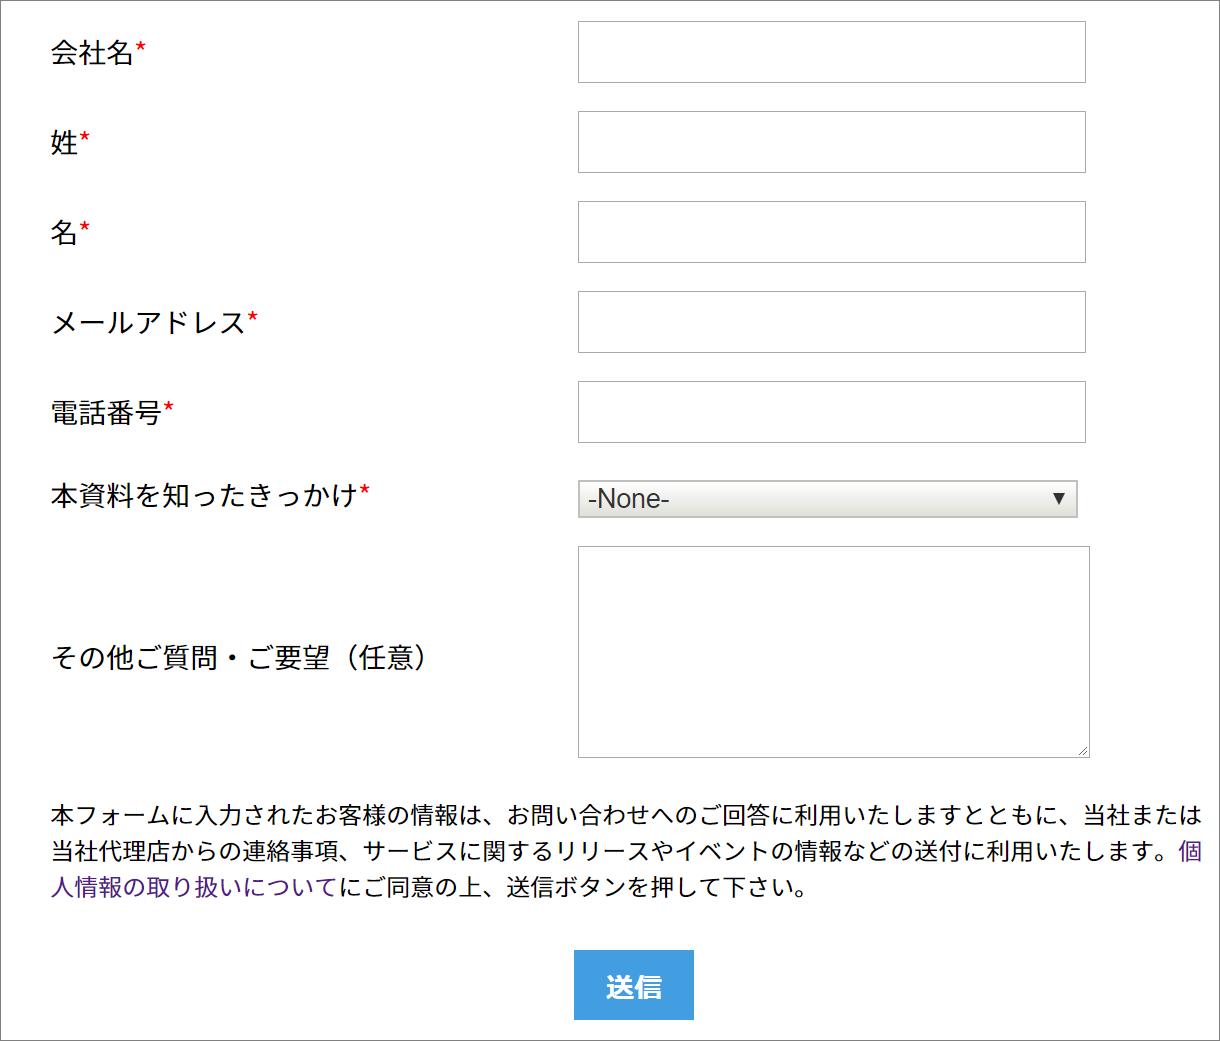 zoho.jpの資料ダウンロード用Webフォーム